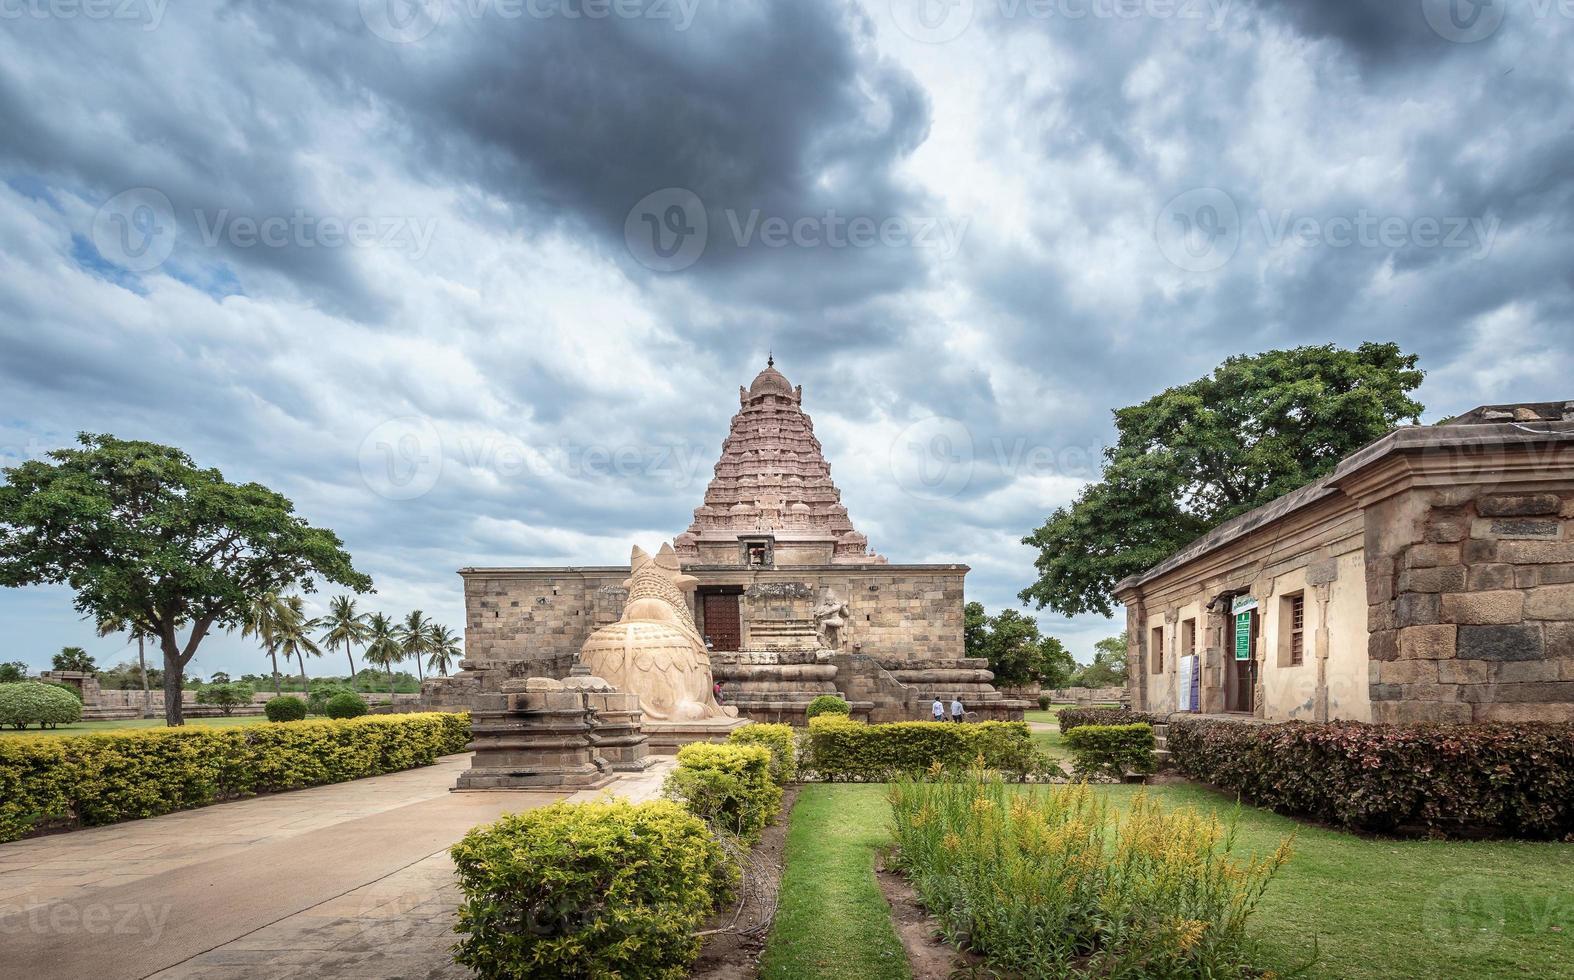 antiguo templo hindú en el sur de la india foto